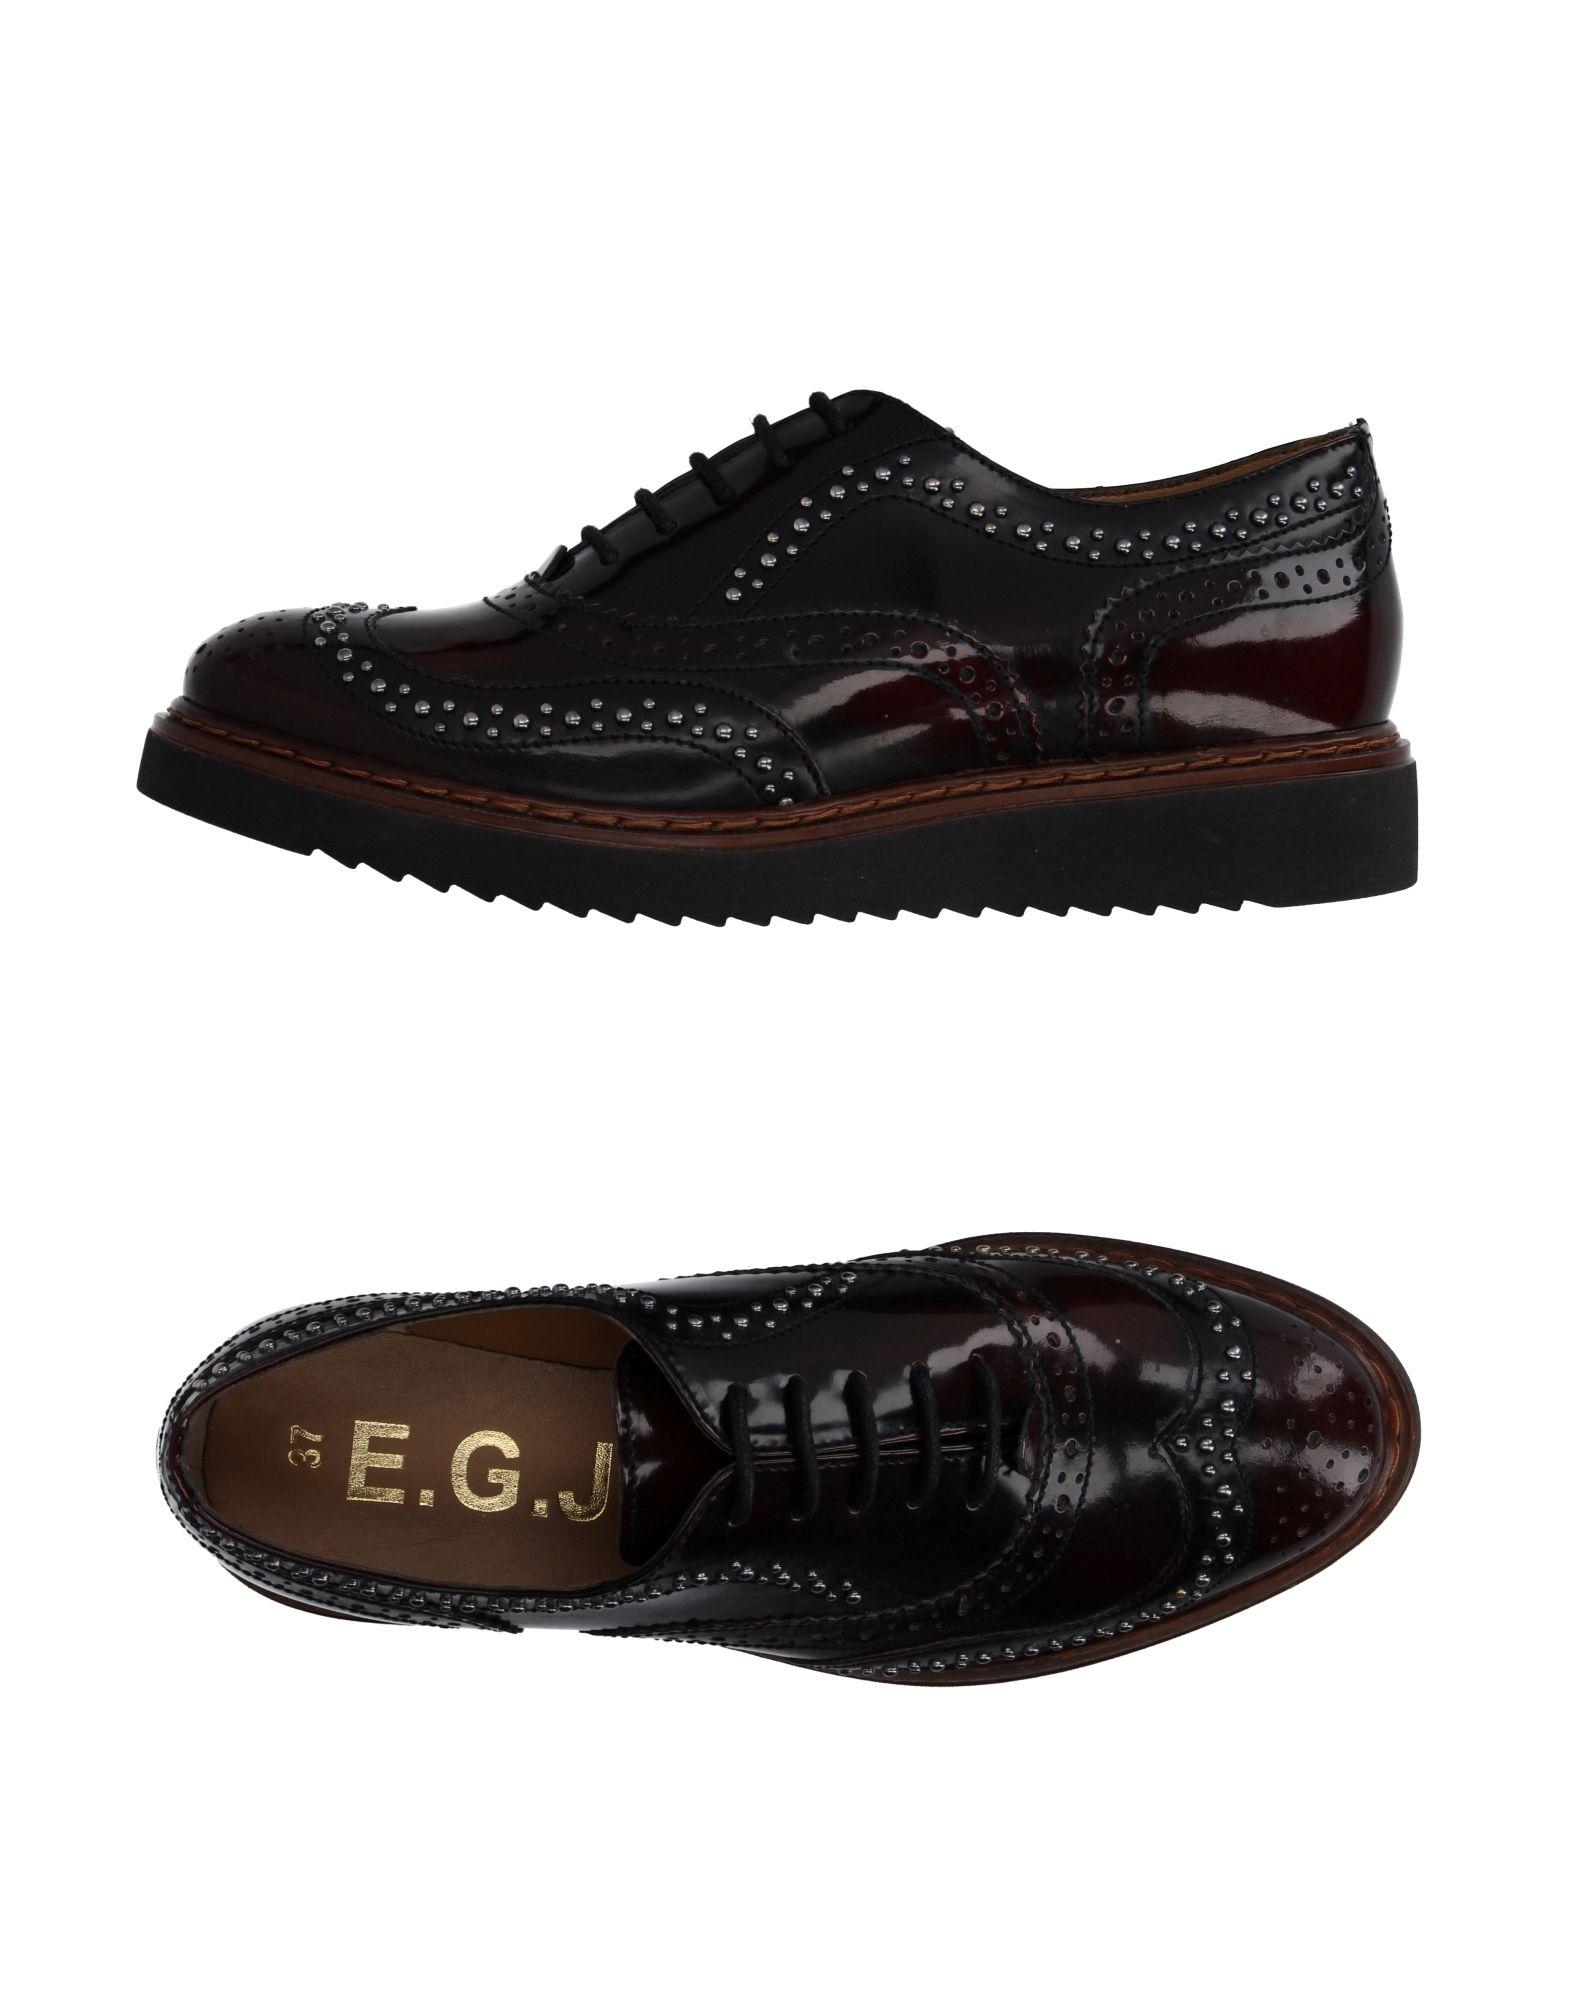 E.G.J. Schnürschuhe Damen  11050481OB Gute Qualität beliebte Schuhe